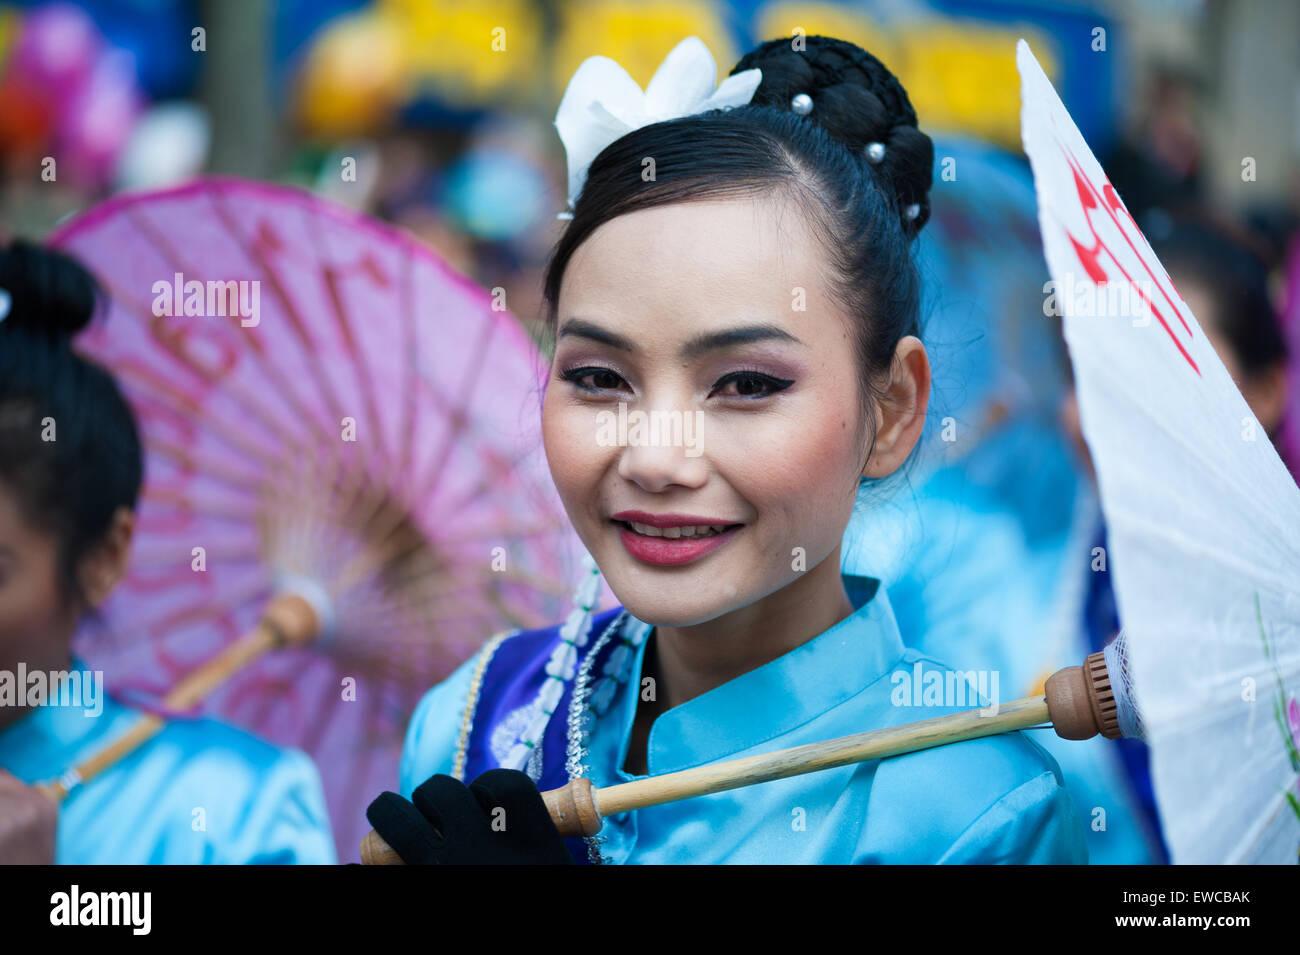 Parigi - 17 Febbraio 2013: bella ragazza cinese sfilate presso il nuovo anno lunare Festival. Foto Stock